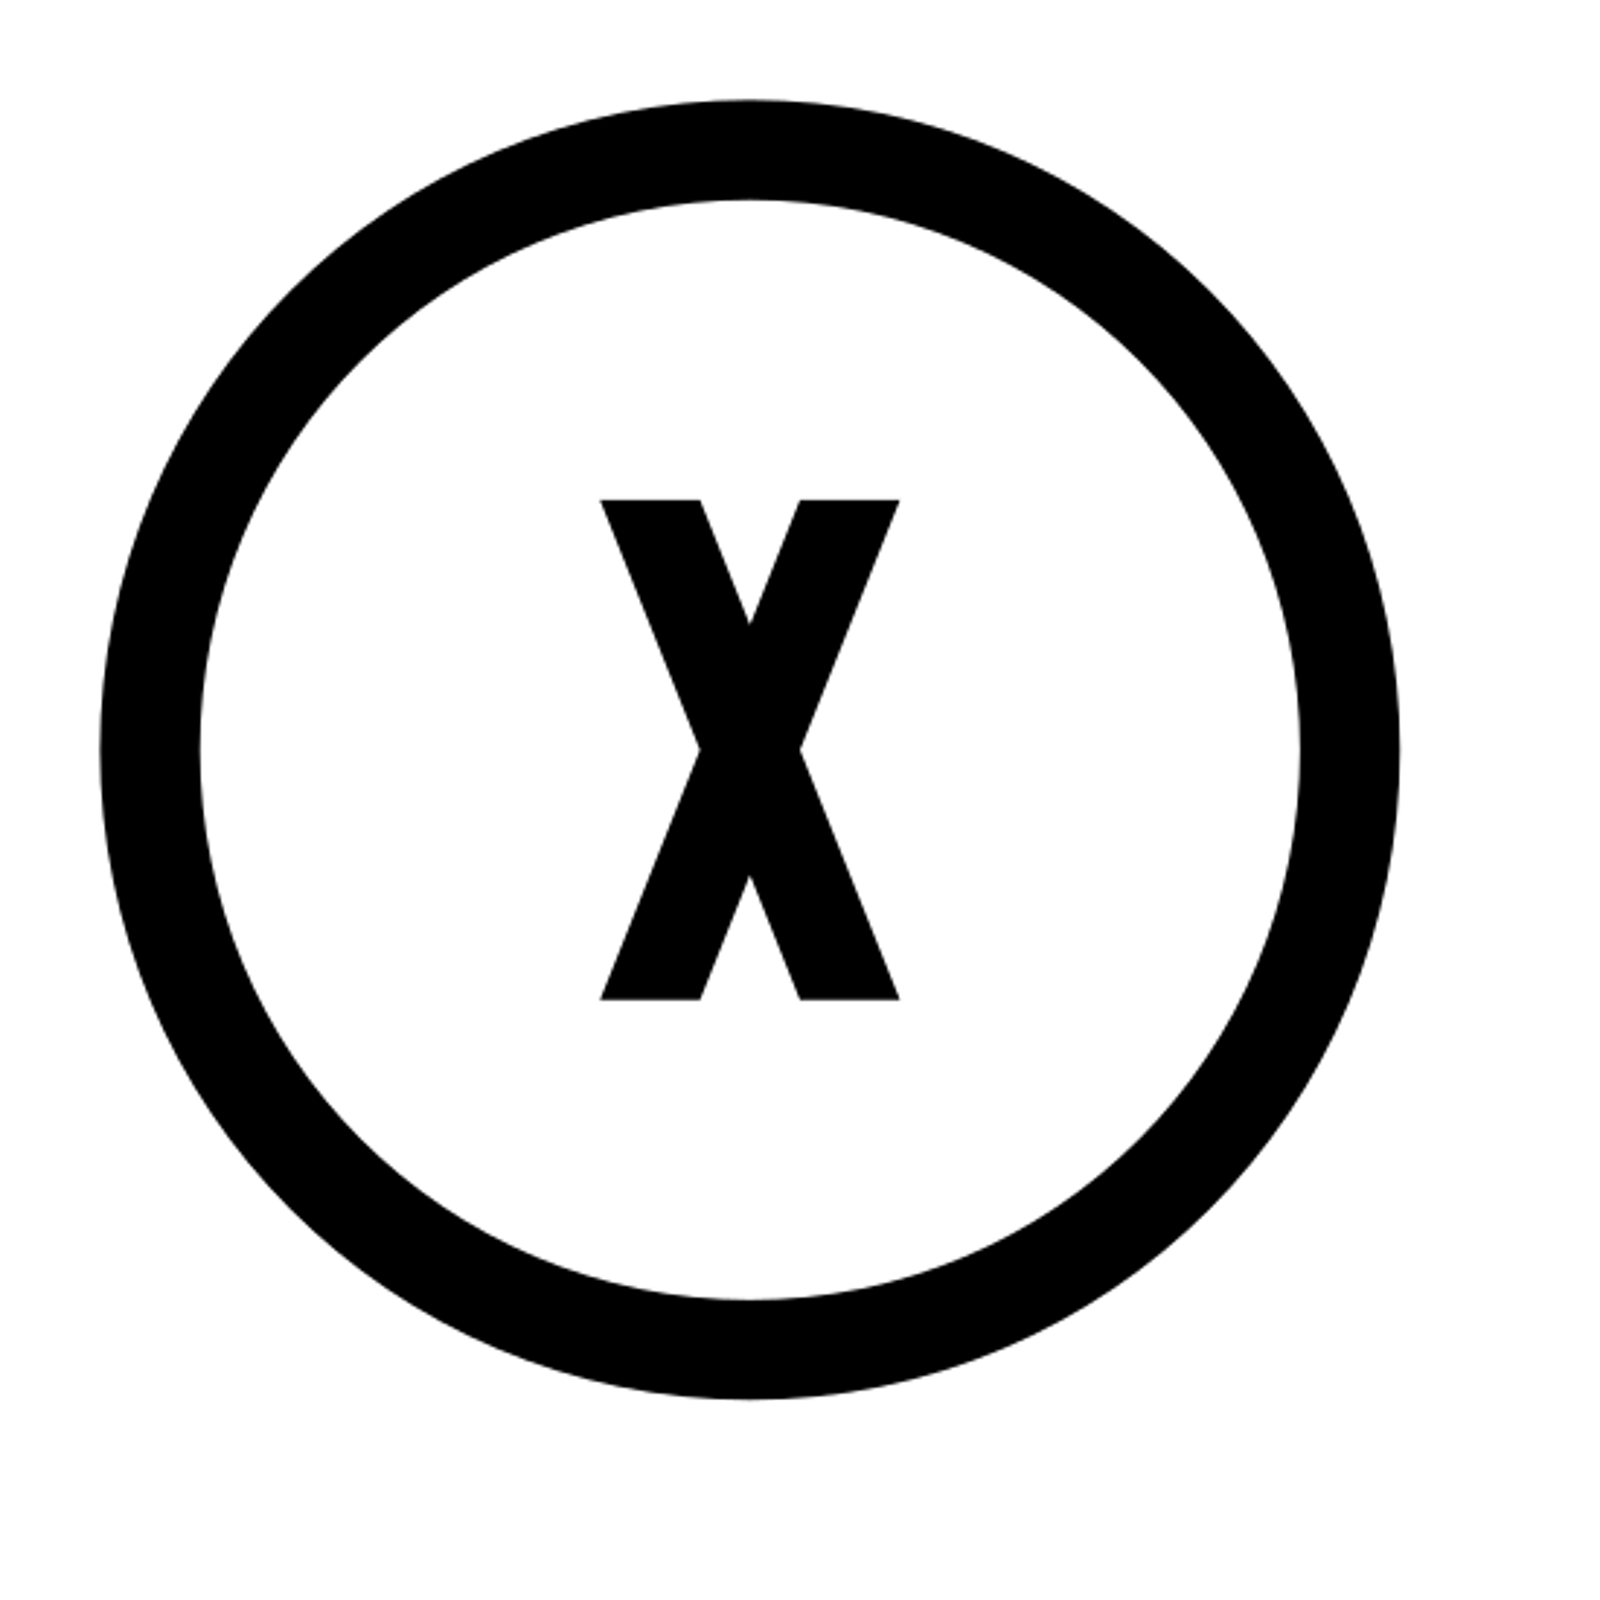 Zakreślone X icon